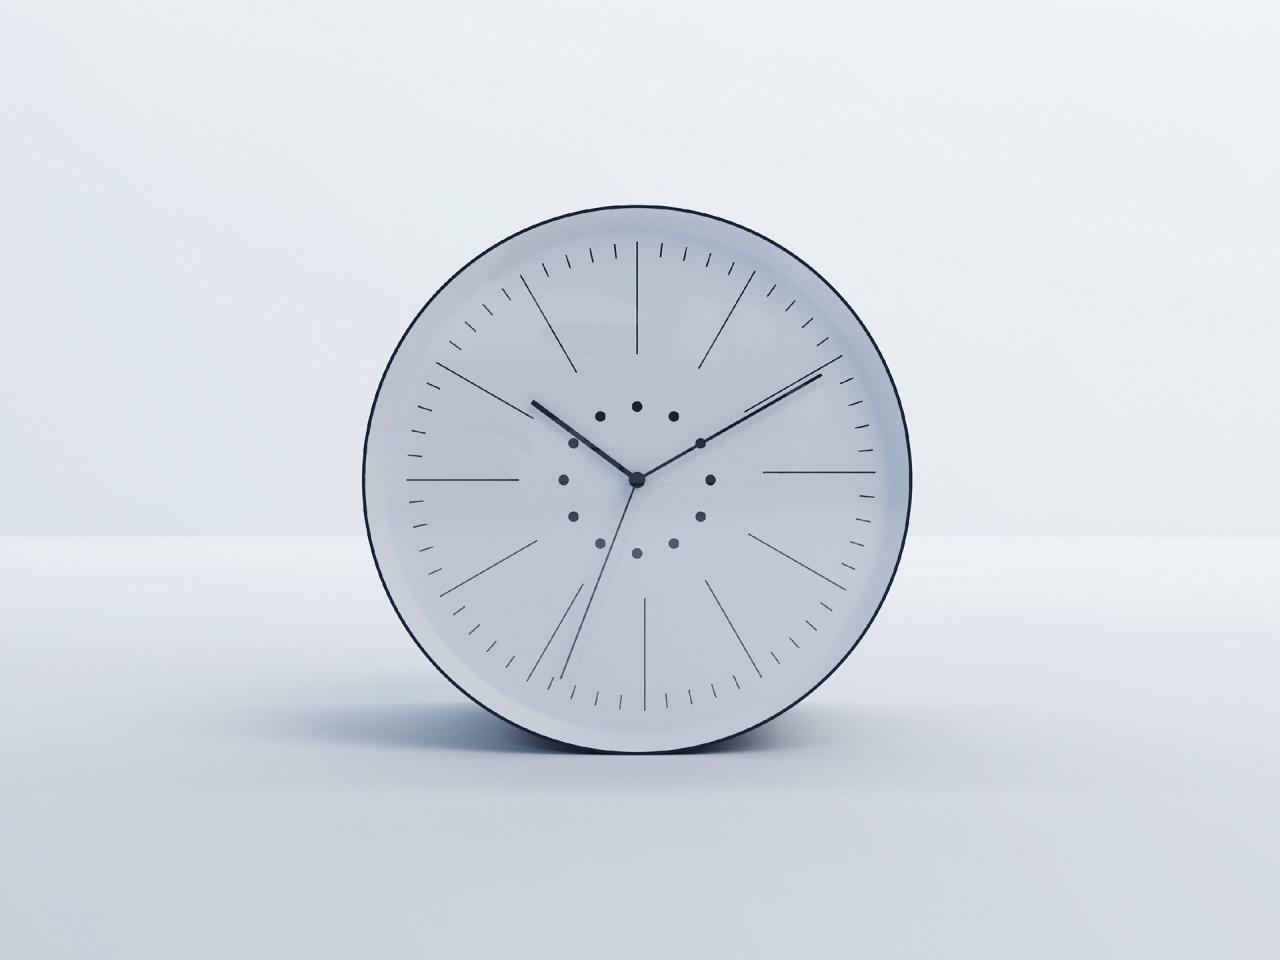 156071334901 – yicong lu rolling clock_2